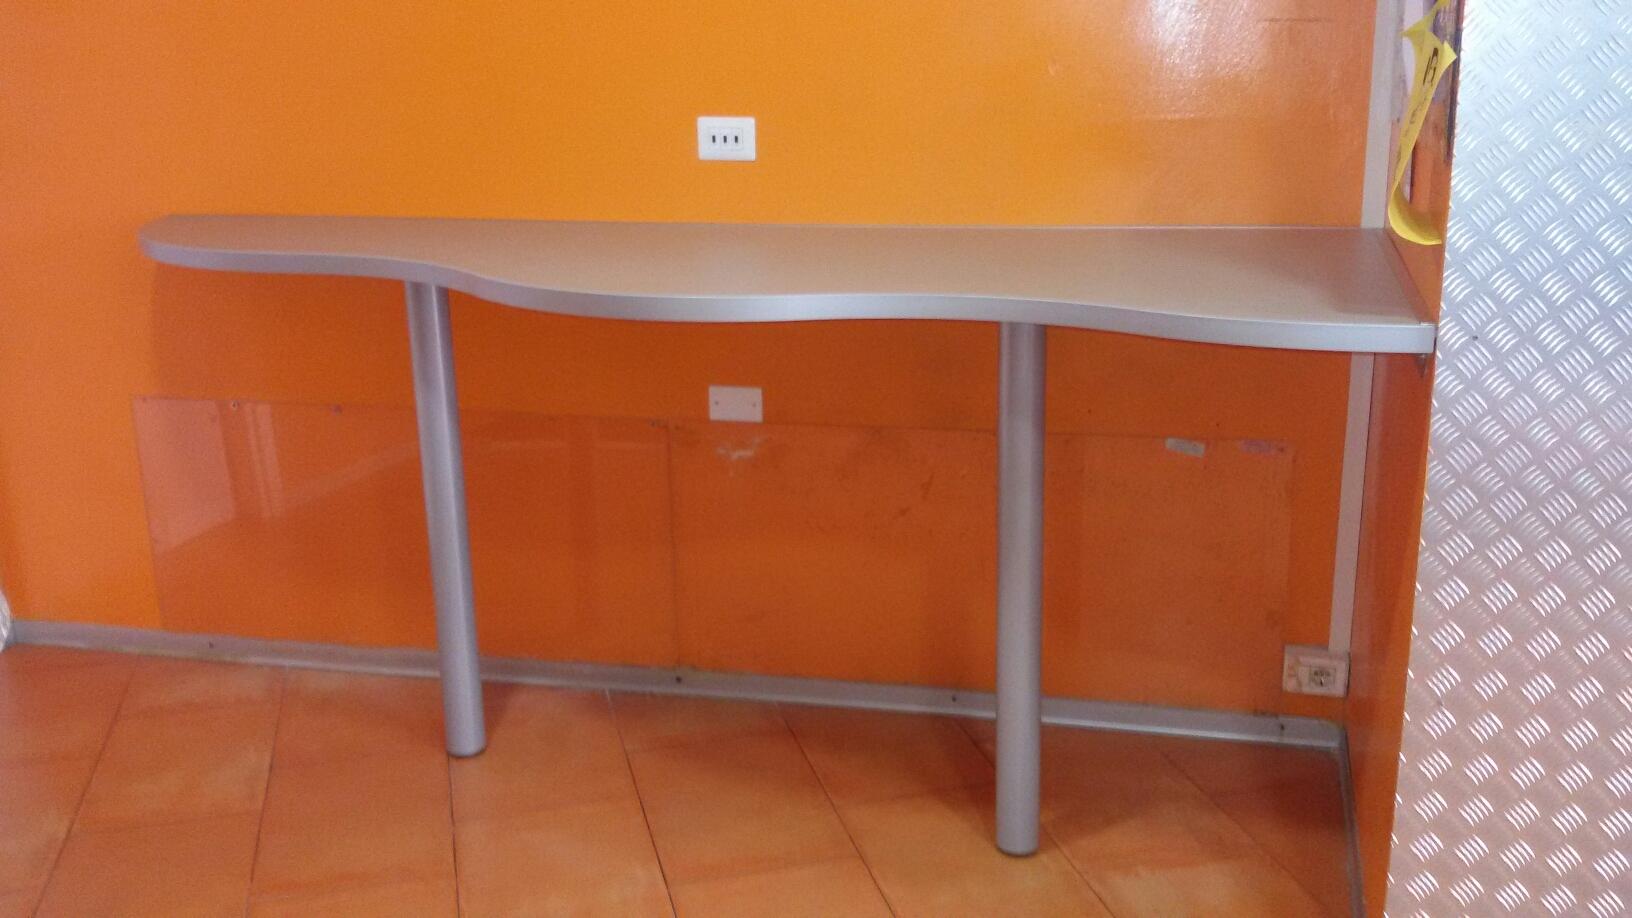 Realizzazione tavolo penisola - Riganelli Arredamenti